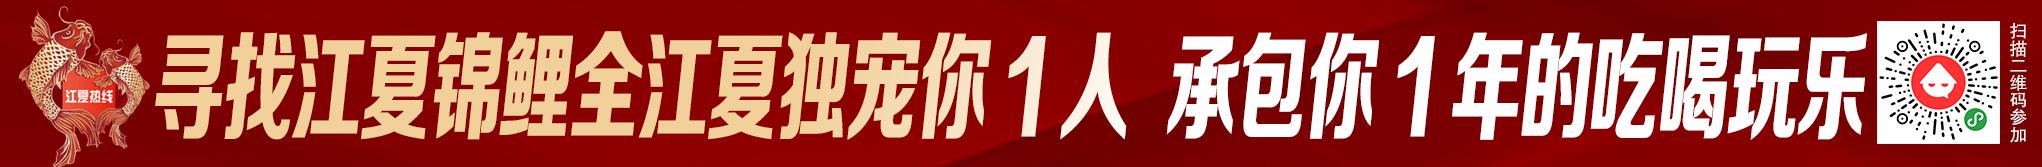 全城寻人!江夏终极锦鲤来了,一人独享全城100+吃喝玩乐免费一年!